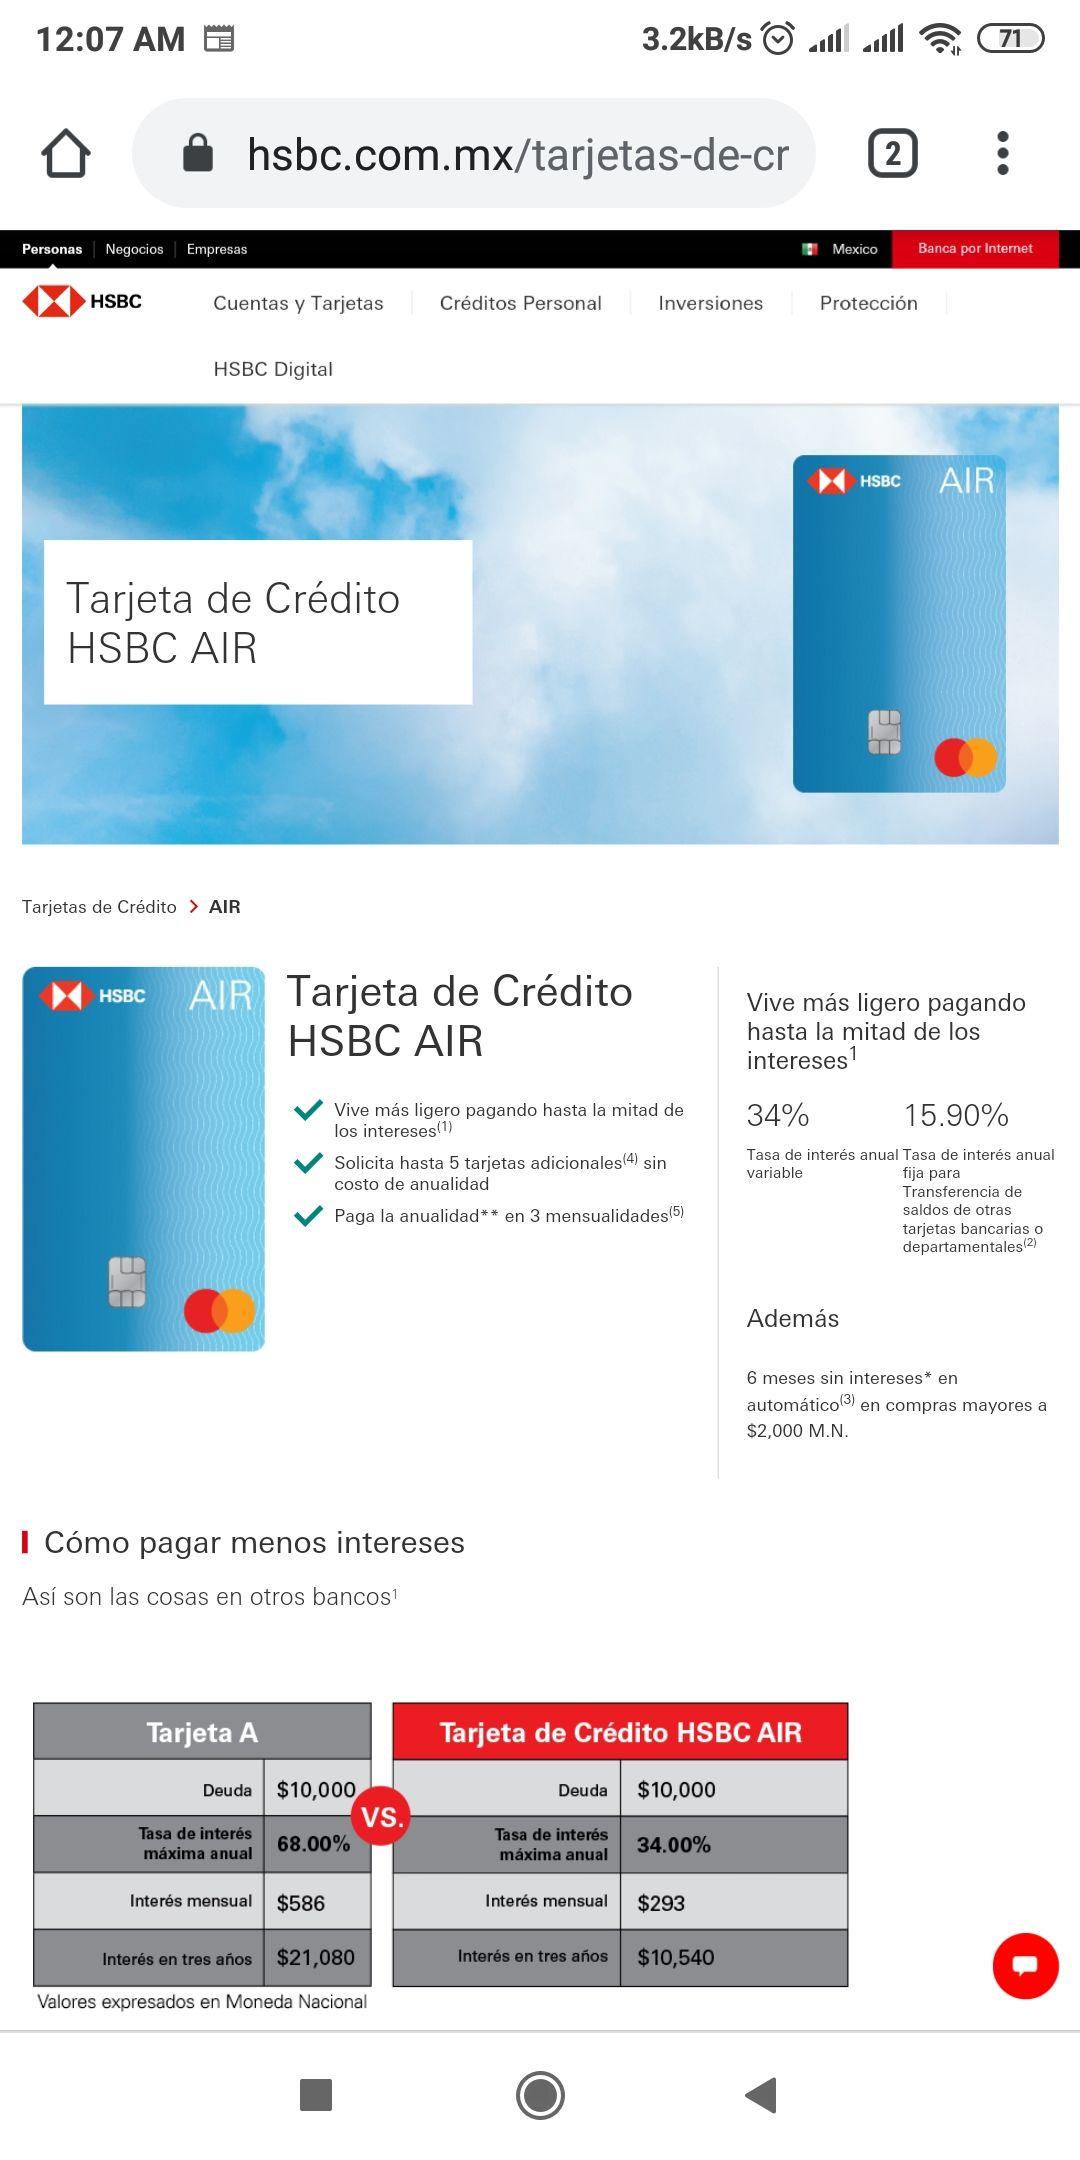 HSBC: Nueva tarjeta de Crédito HSBC Air